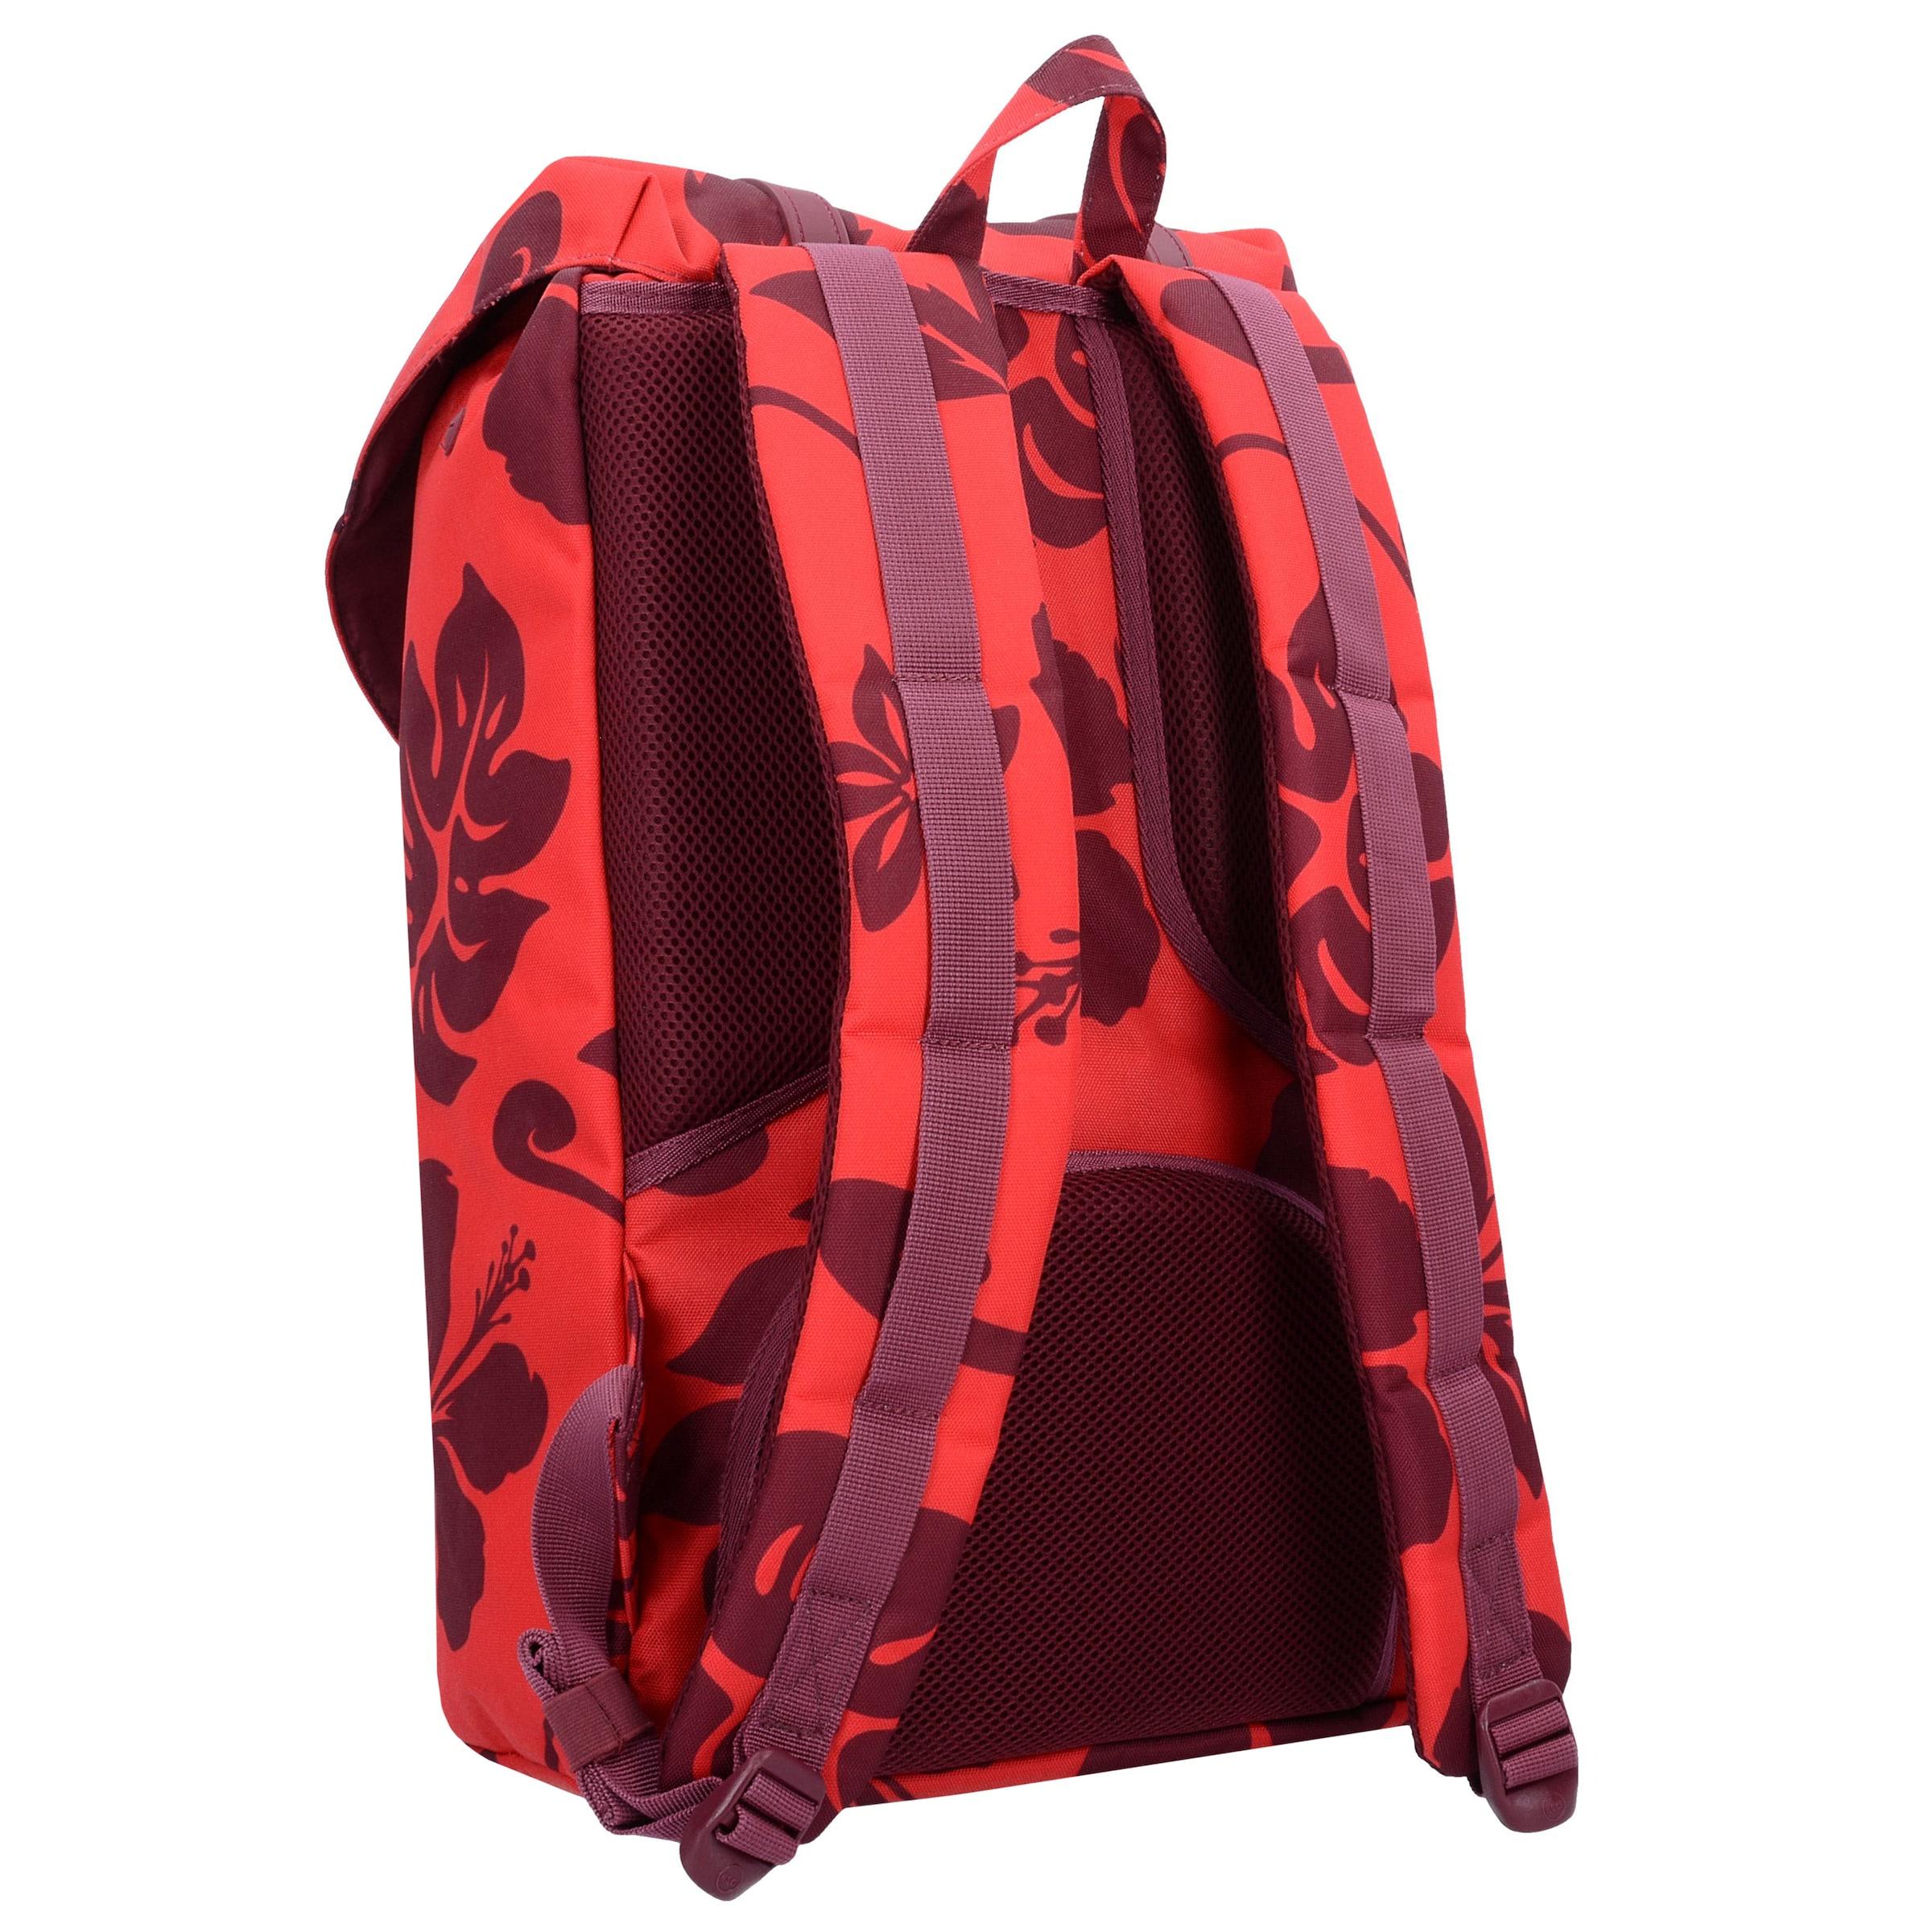 Herschel Little America 18 Backpack Rucksack 52 cm Laptopfach Billig Verkauf 2018 Neue Klassische Online-Verkauf Qualität Frei Versandstelle bmgwmZ5SIY